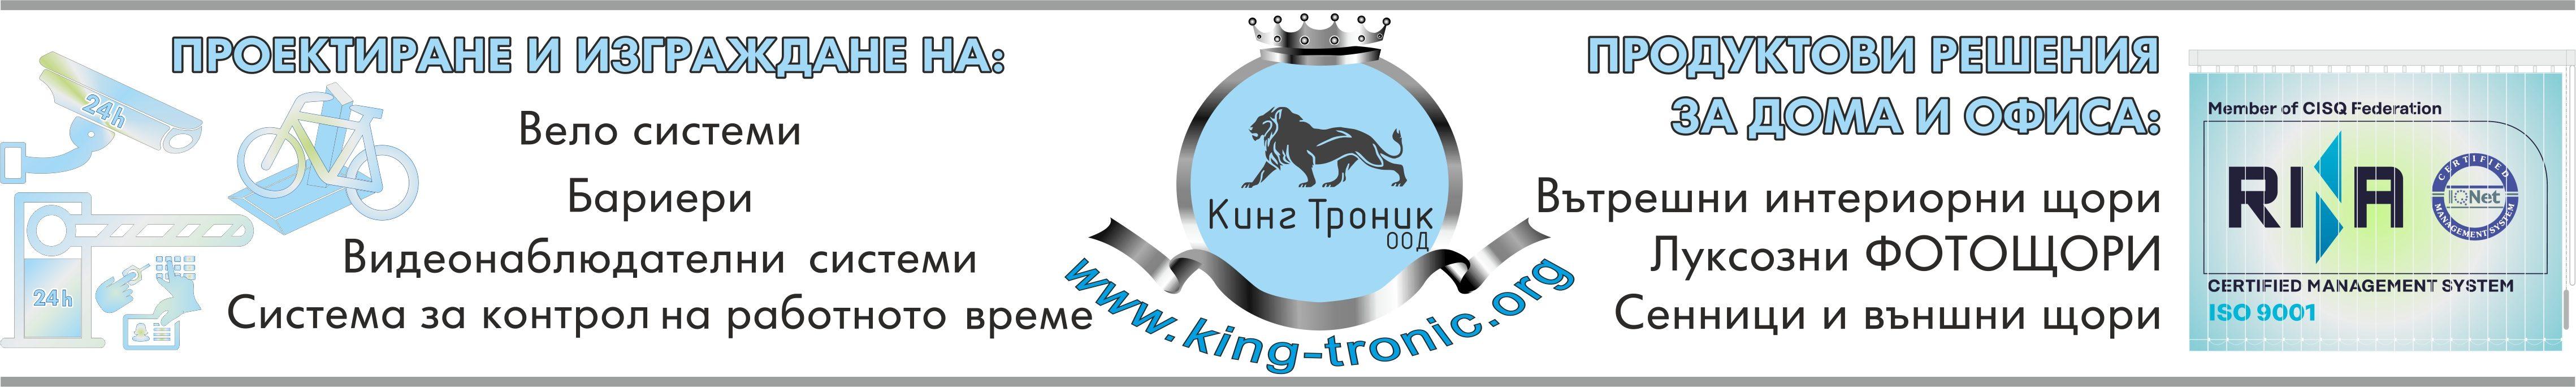 Кинг Троник ООД